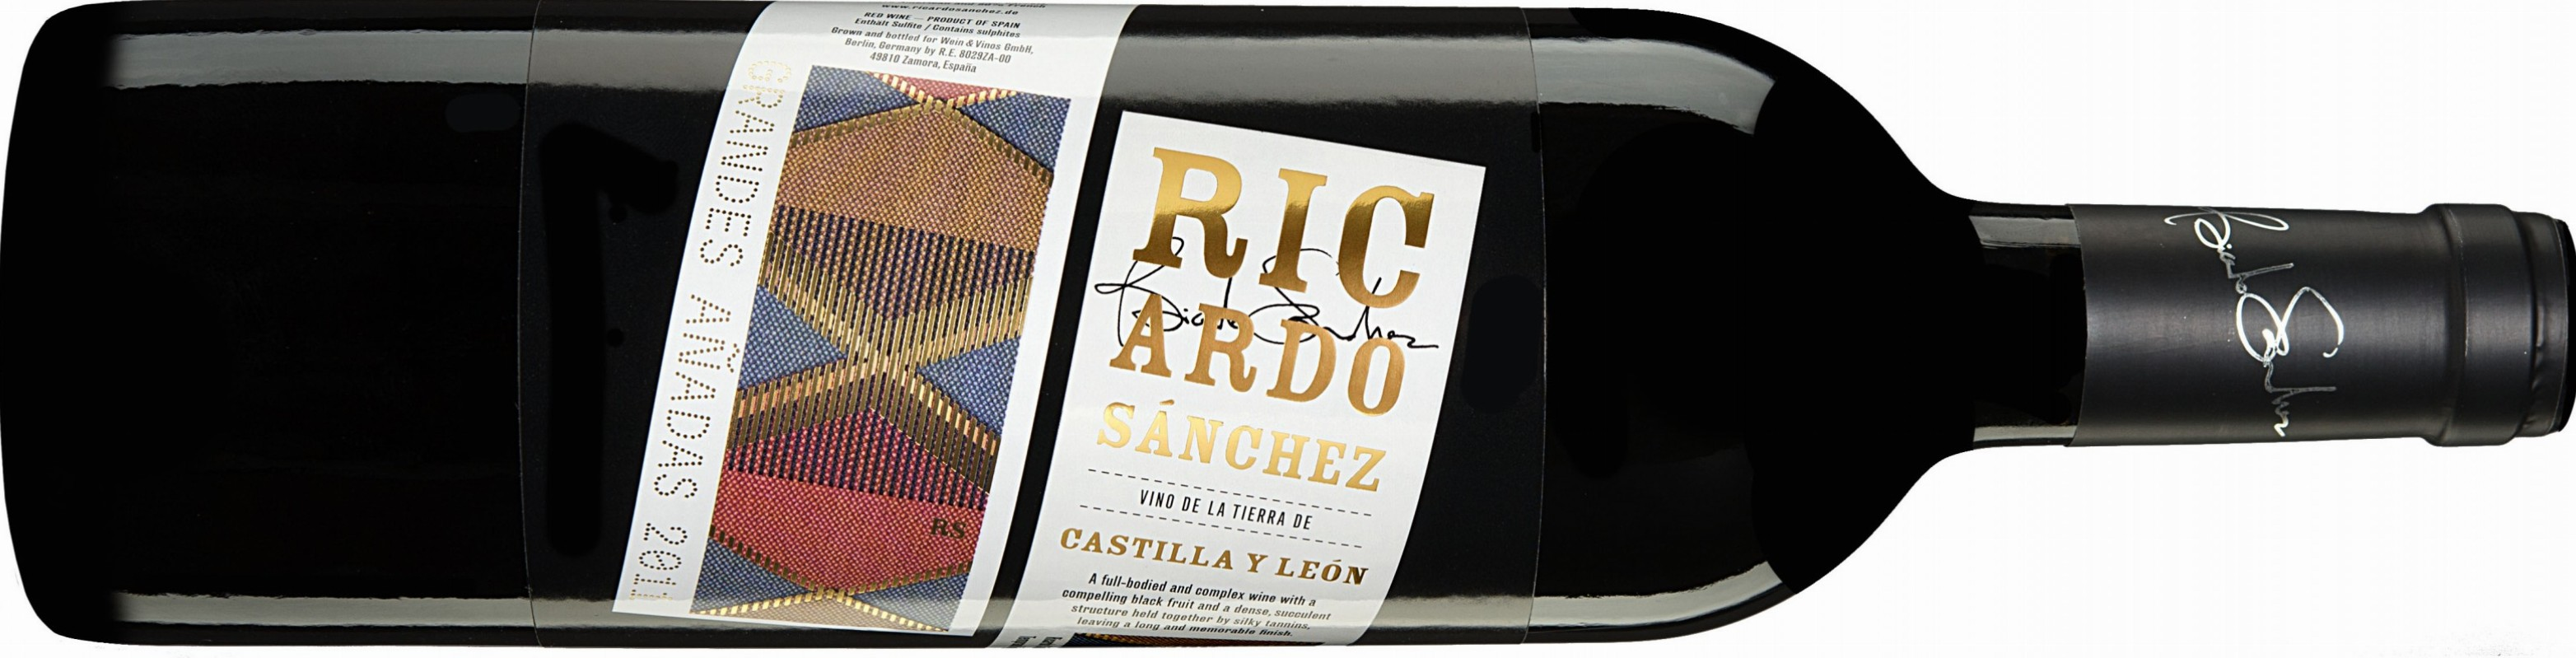 Ricardo Sánchez Grandes Añadas